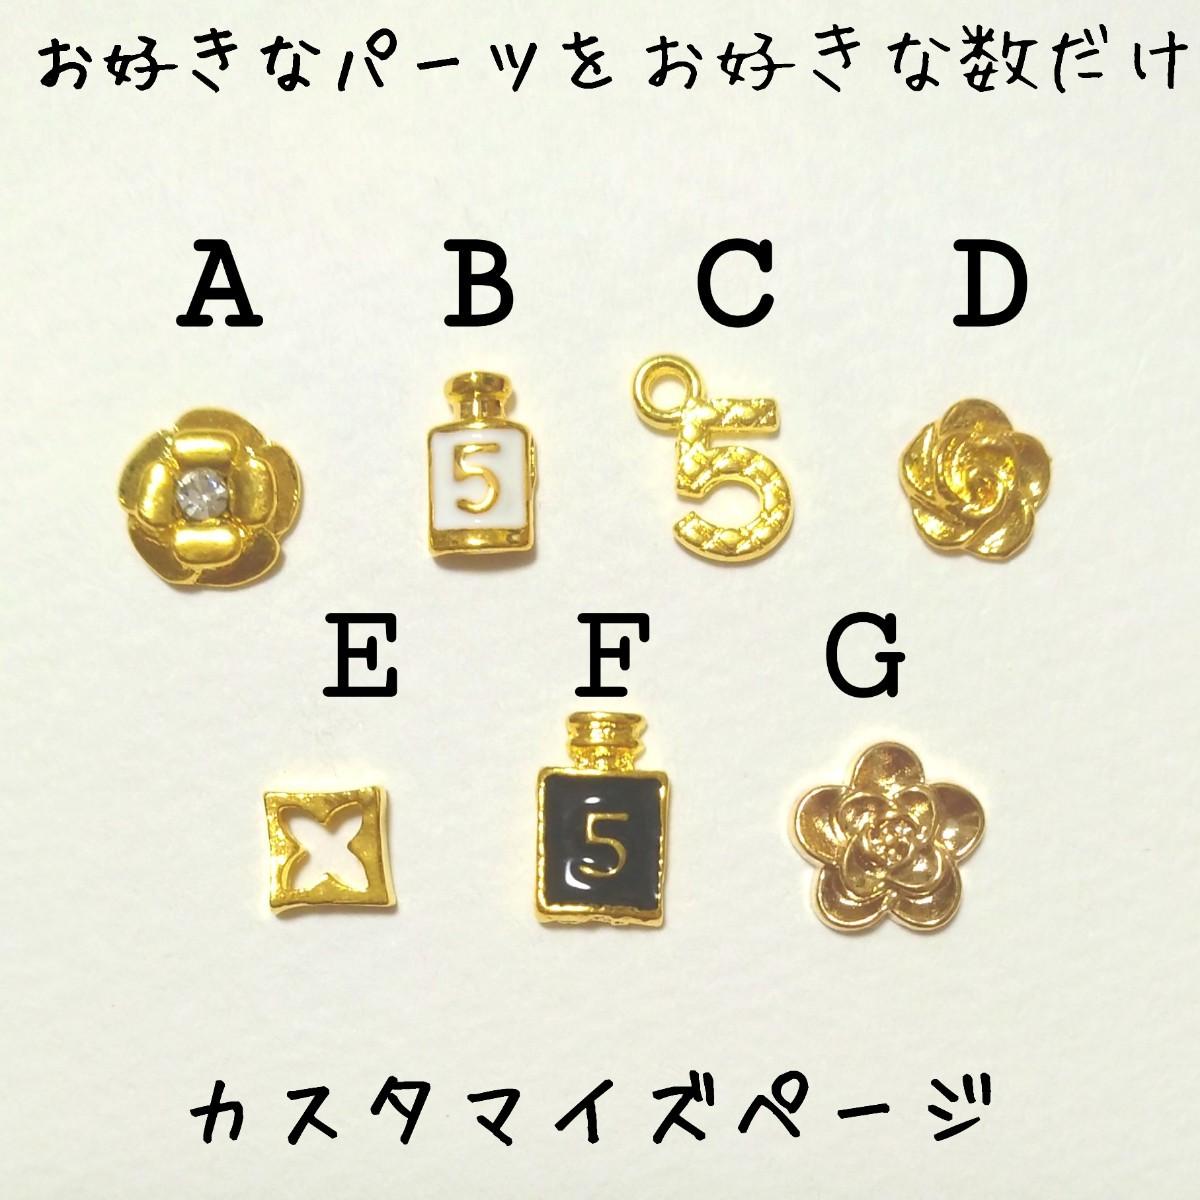 カメリア 香水 CHANEL系 ネイルパーツ デコパーツ ゴールドパーツ